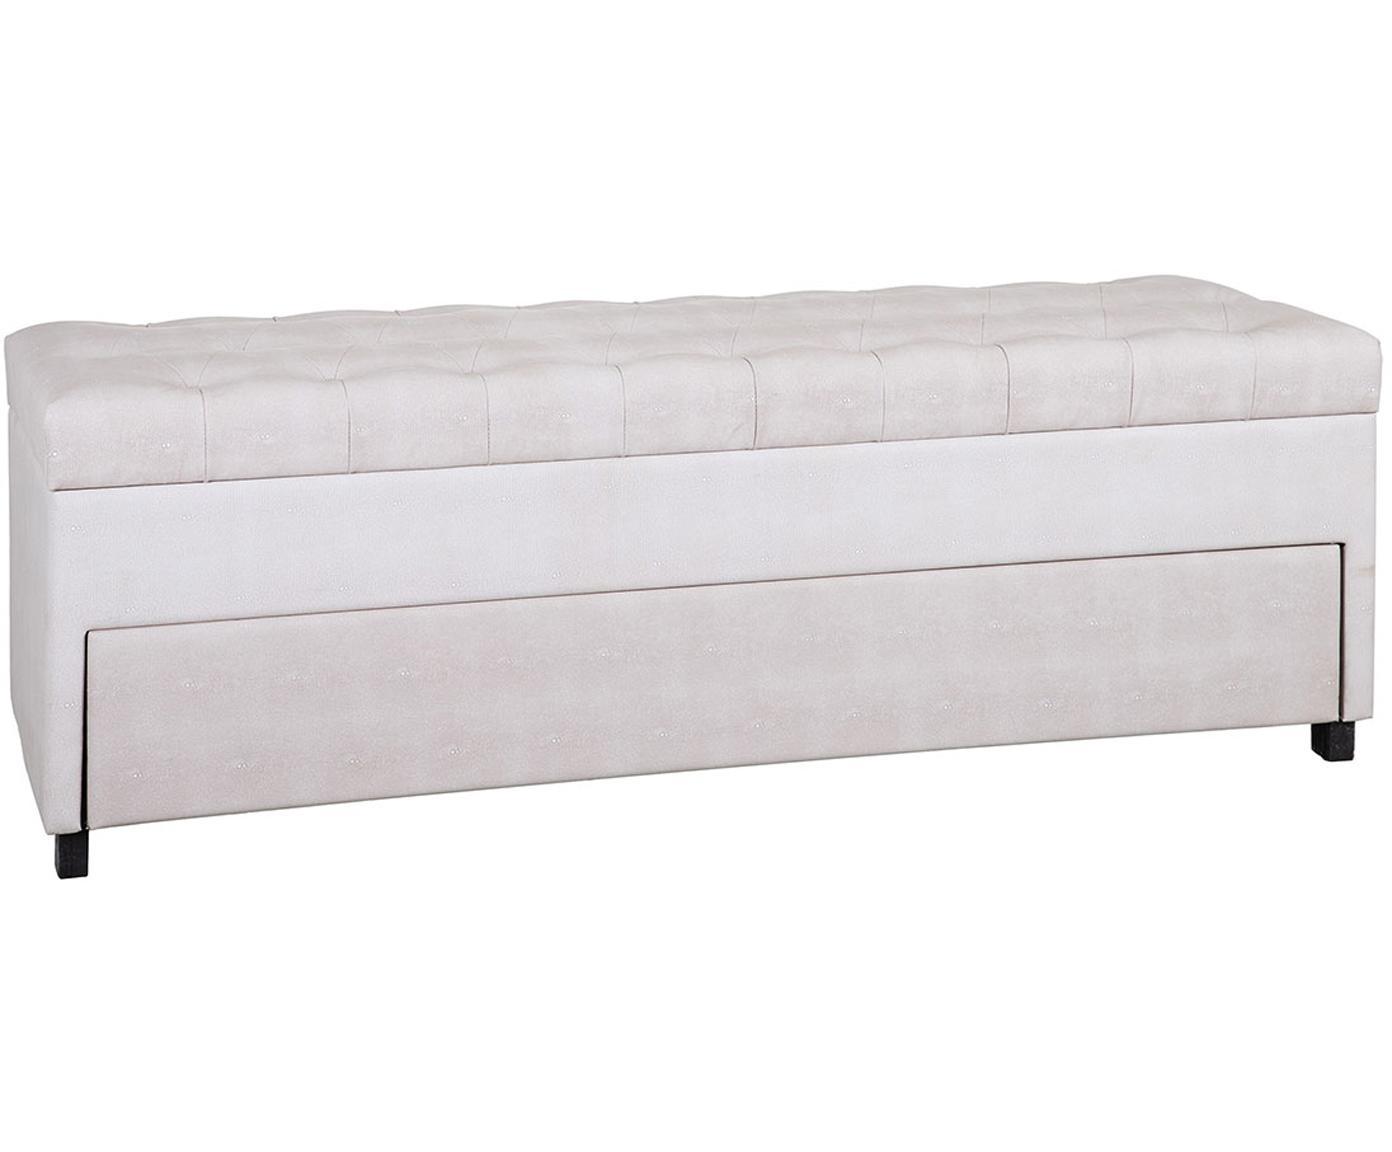 Banco tapizado Zapa, con espacio de almacenamiento, Estructura: tablero de fibras de dens, Tapizado: cuero sintético, Multicolor, An 140 x Al 50 cm